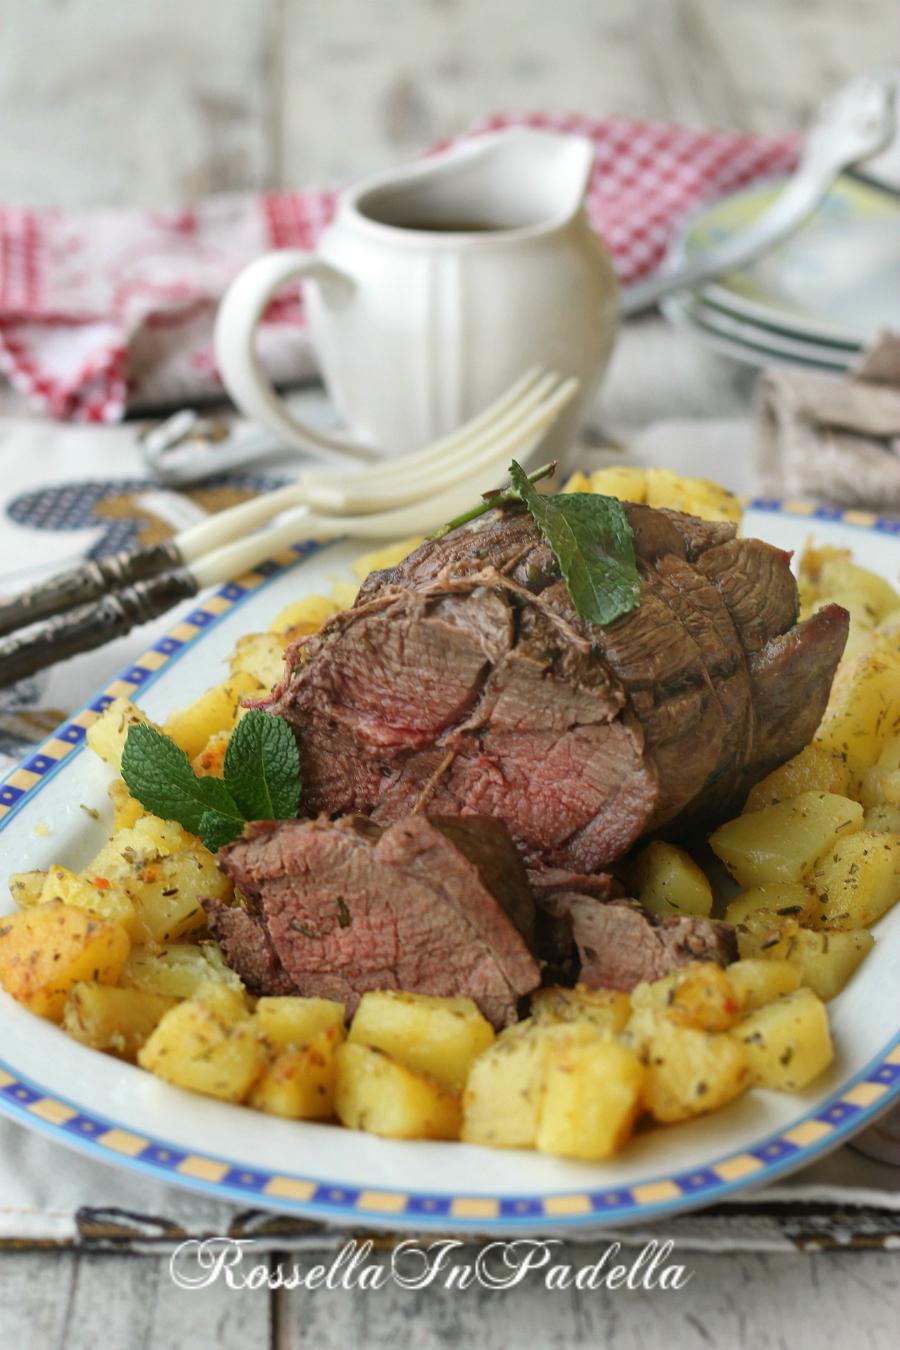 Arrosto di manzo al forno ricetta cucina tradizionale - Forno tradizionale microonde ...